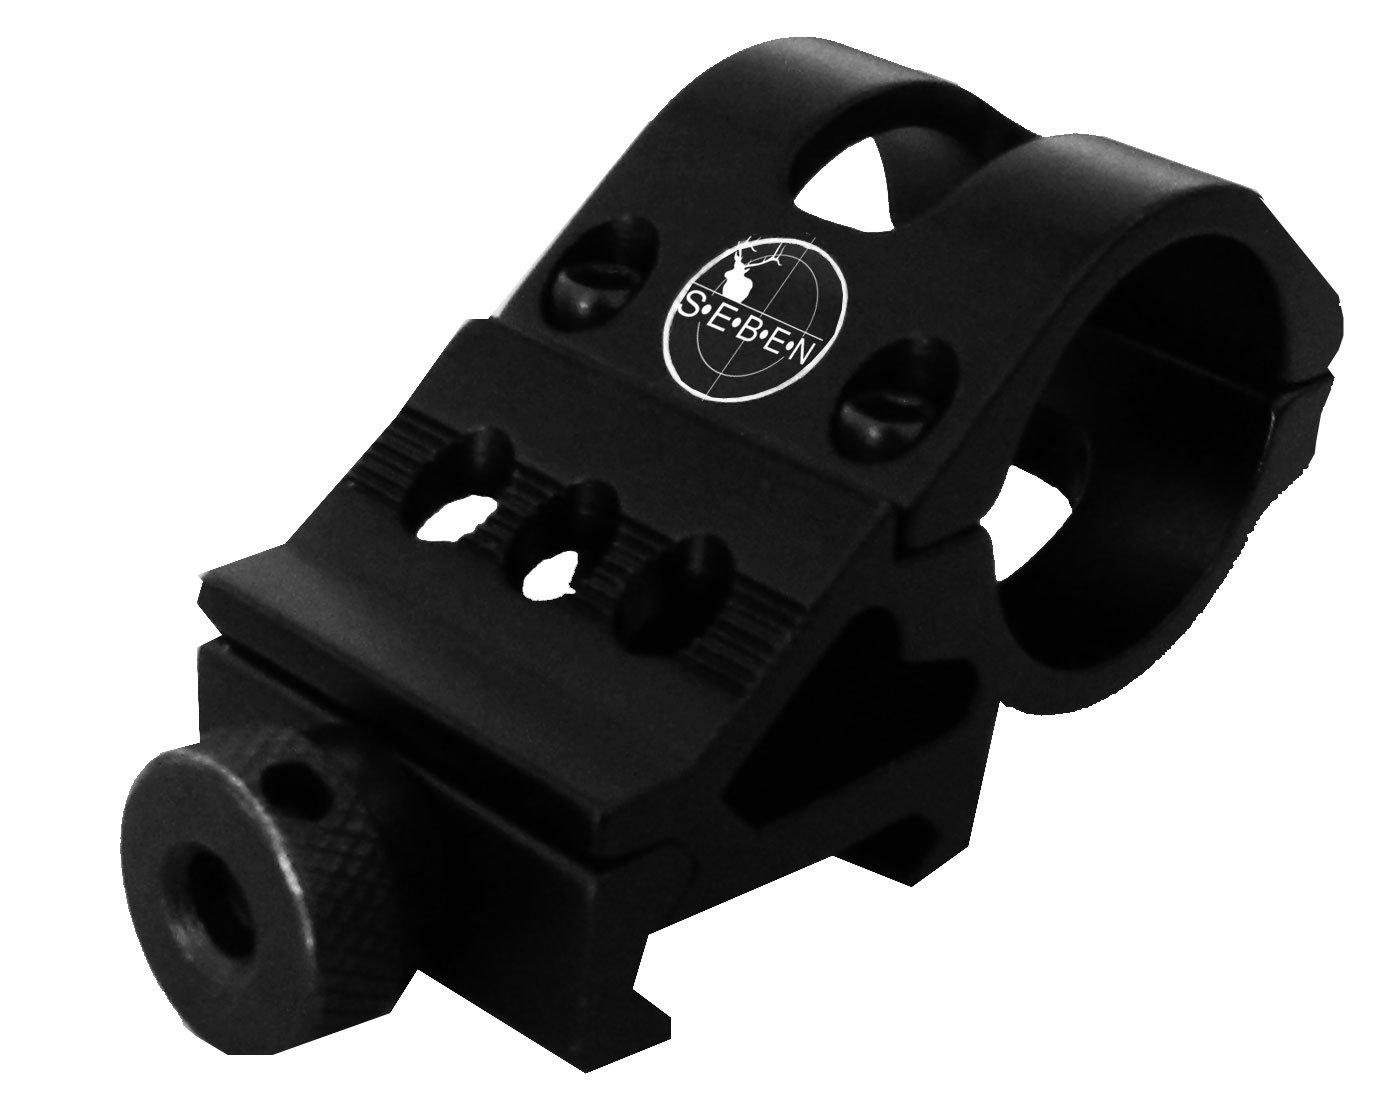 Seben montage lunette vis/ée 30mm rail 11mm RSM12